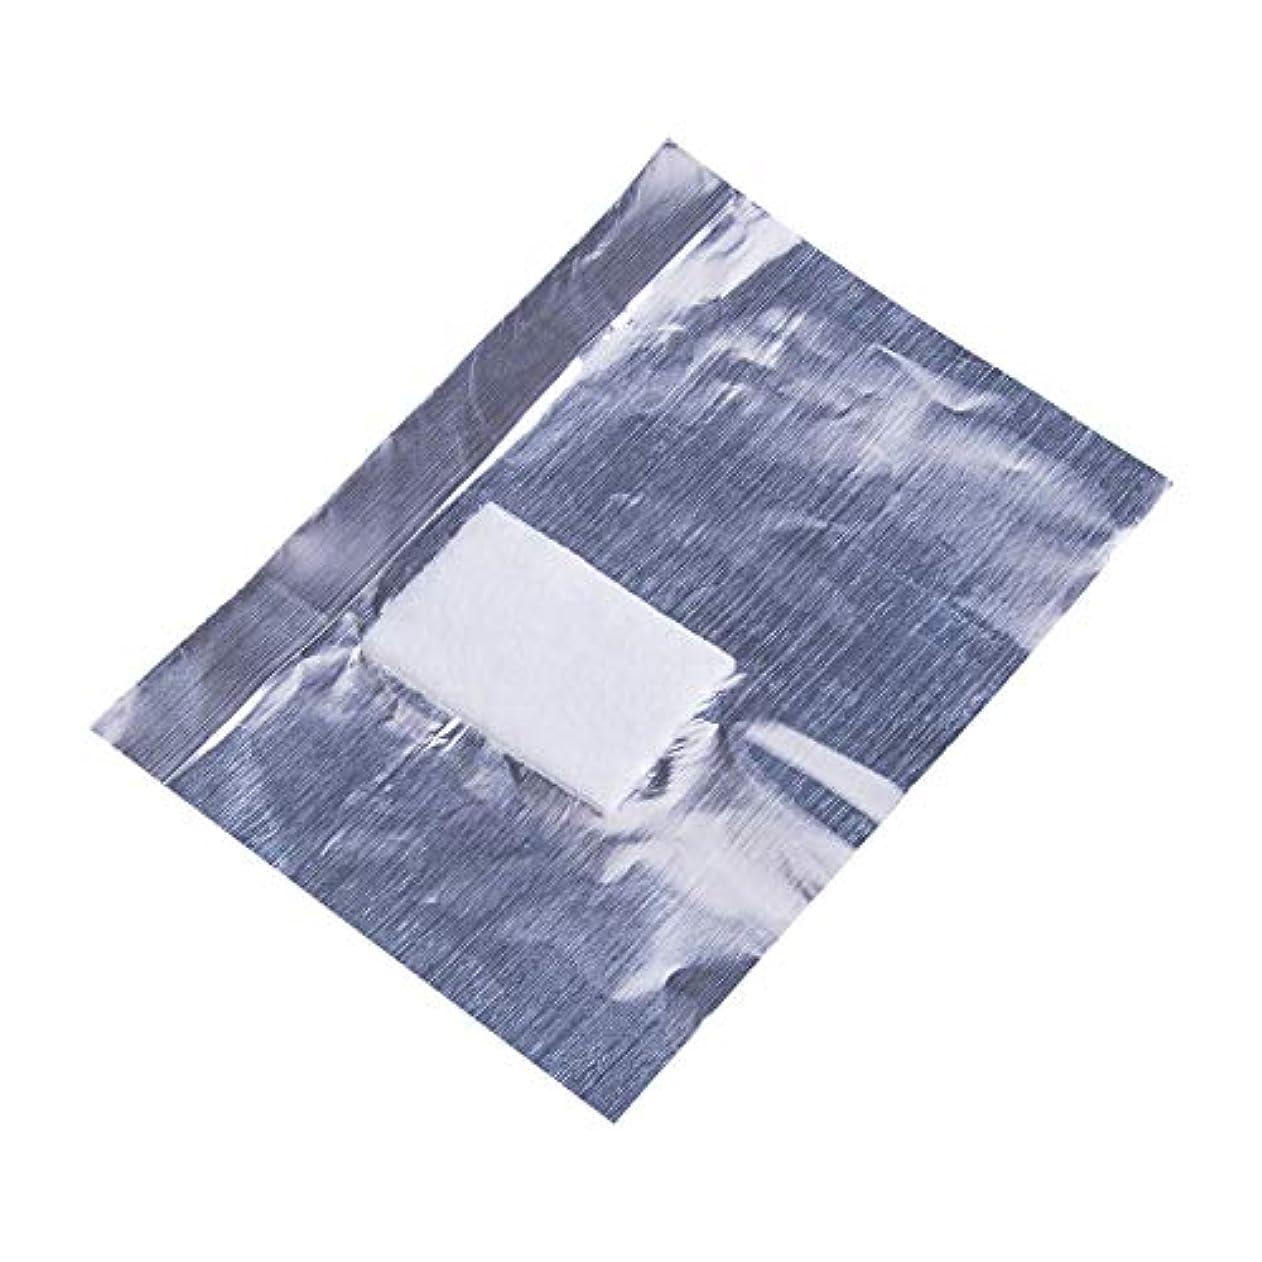 優遇長くする滅びるジェルネイルオフ 使い捨て コットン付きアルミホイル ジェルネイルリムーバー アクリルUVジェル マニキュア用品 ネイル用品 (50pcs)